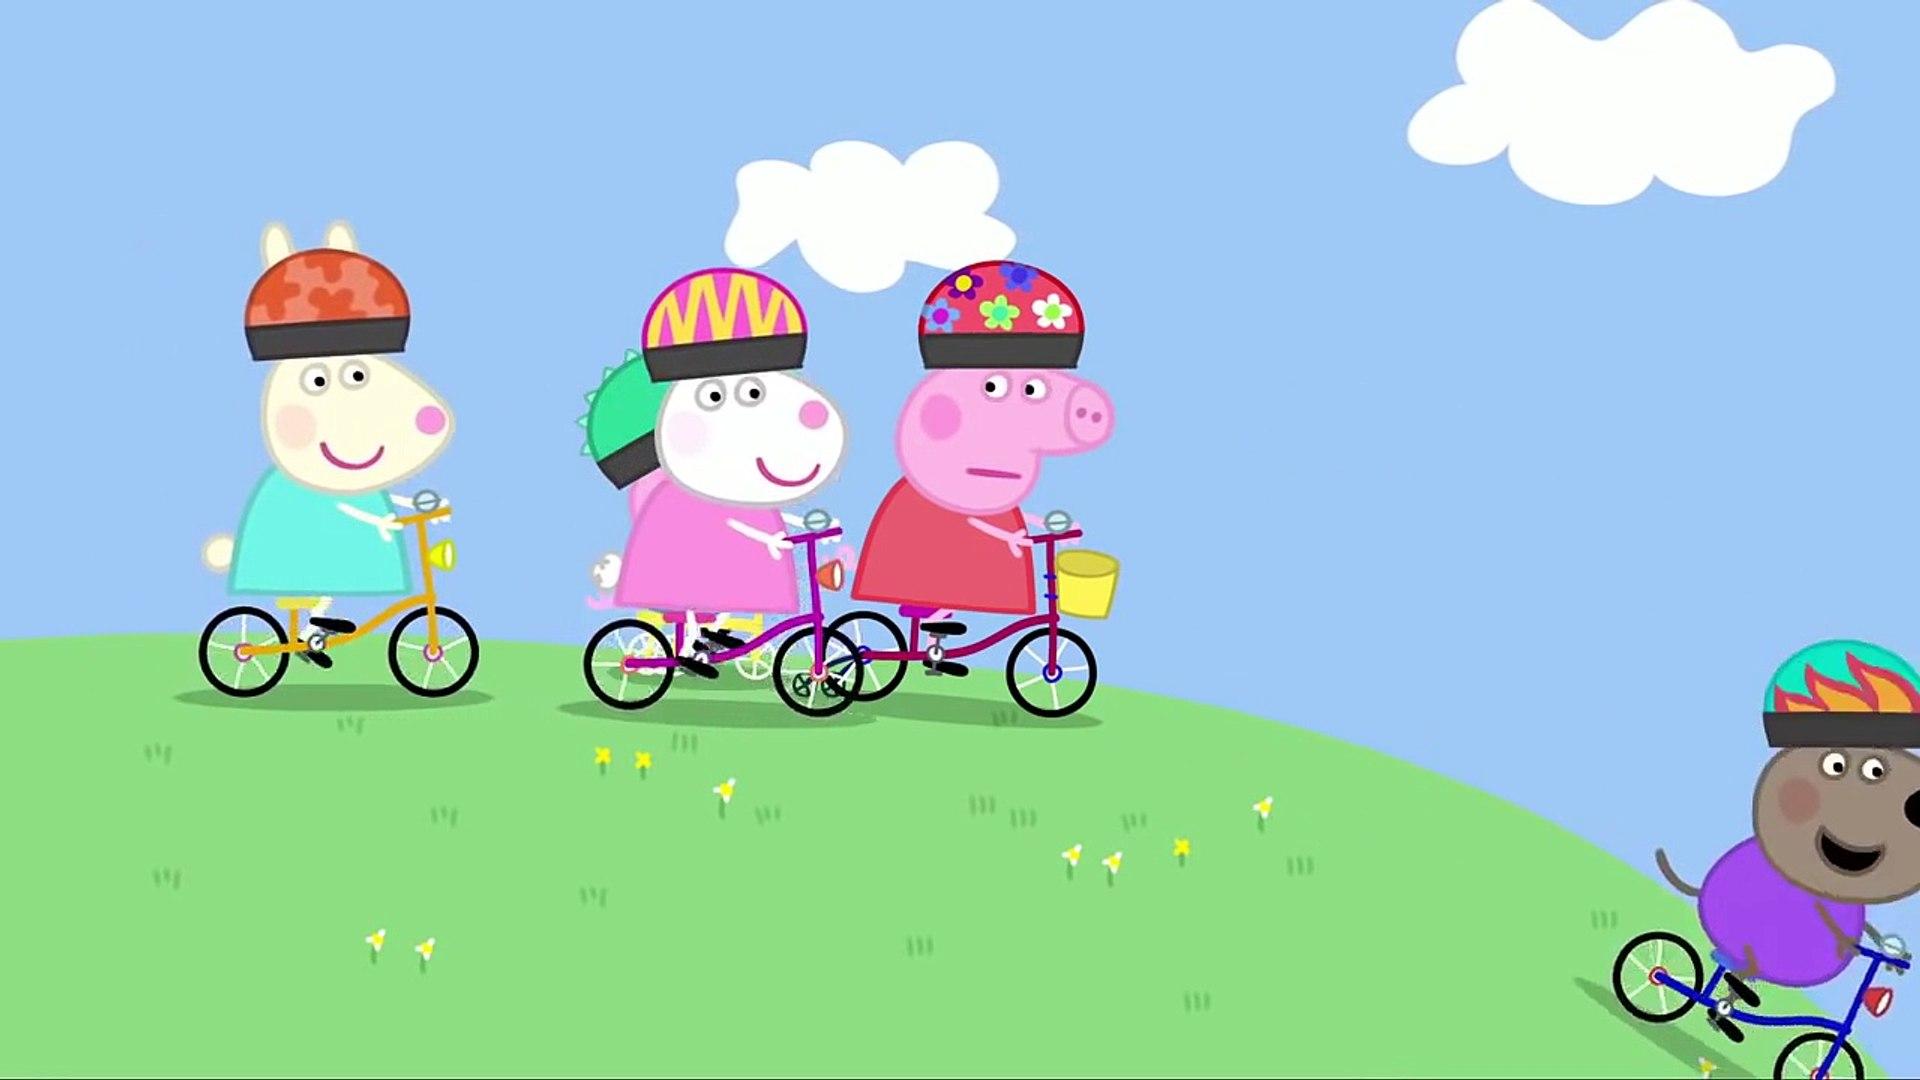 Свинка Пеппа на русском все серии подряд без титров на весь экран сезон 1 серия 12 Велосипед от 1aкм